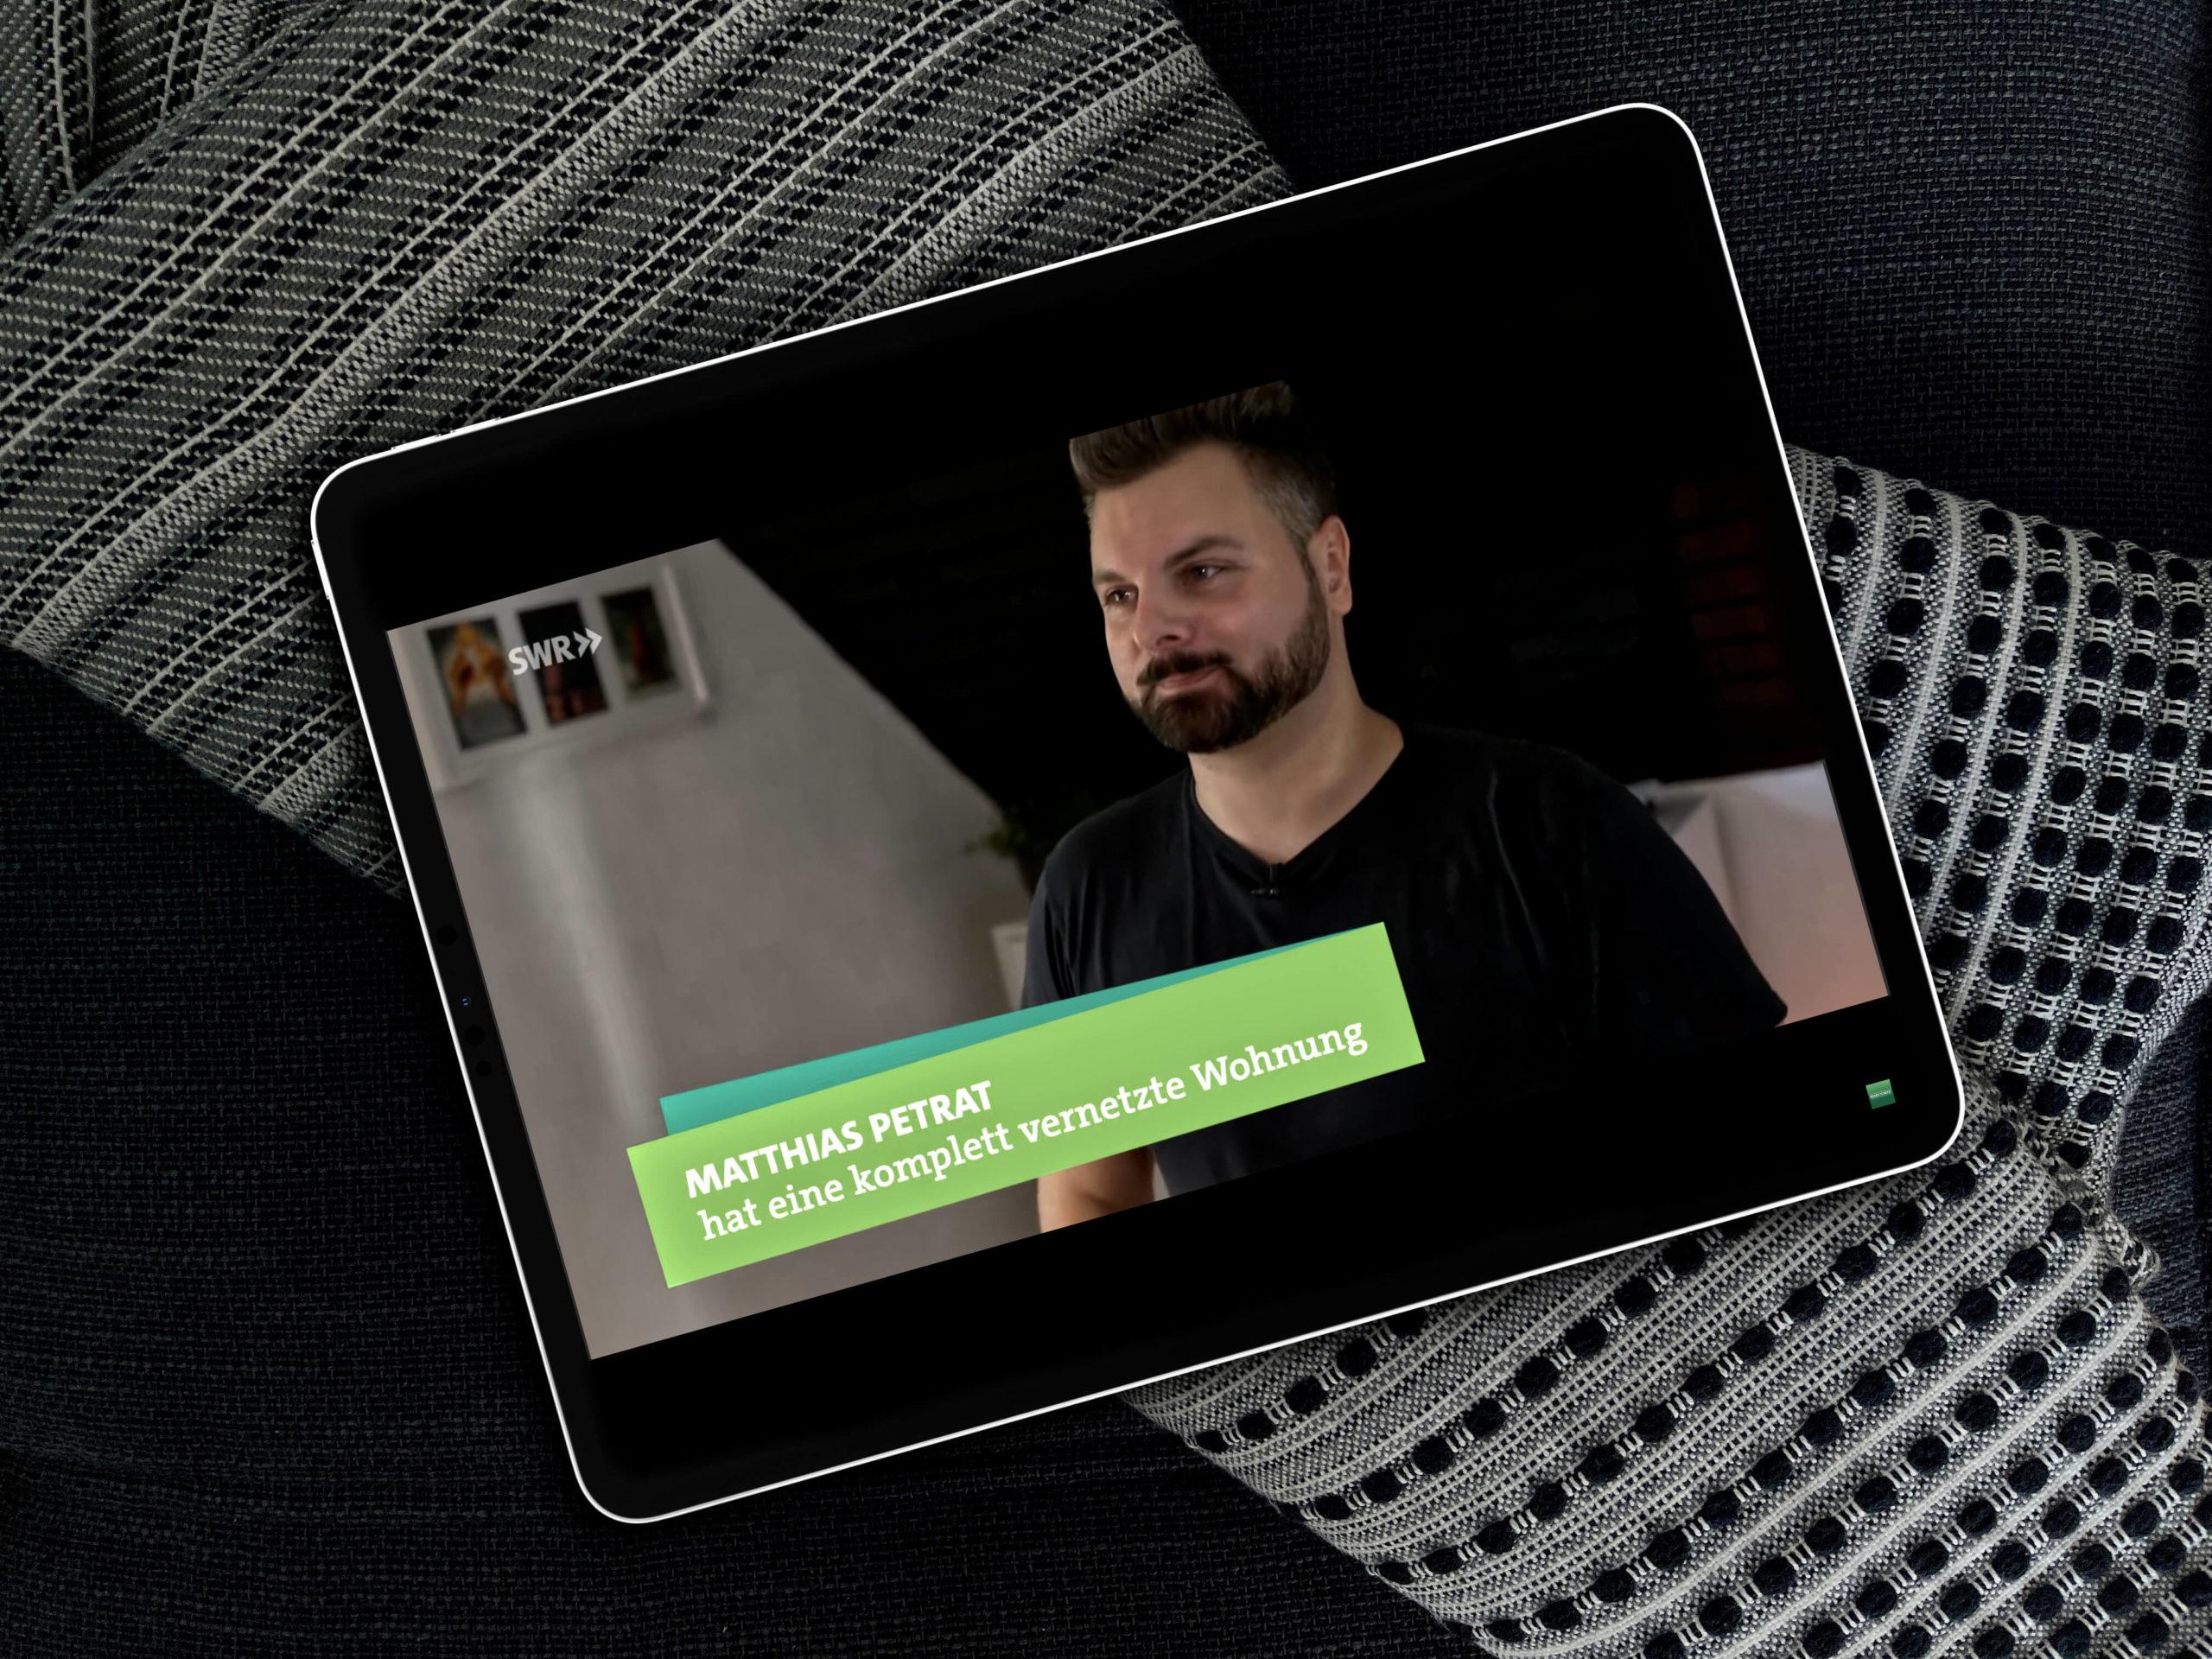 Meine-Meinung-zum-Thema-Smart-Home-im-neuen-Video-vom-Oekochecker-des-SWR-scaled Meine Meinung zum Thema Smart Home im neuen Video vom Ökochecker des SWR